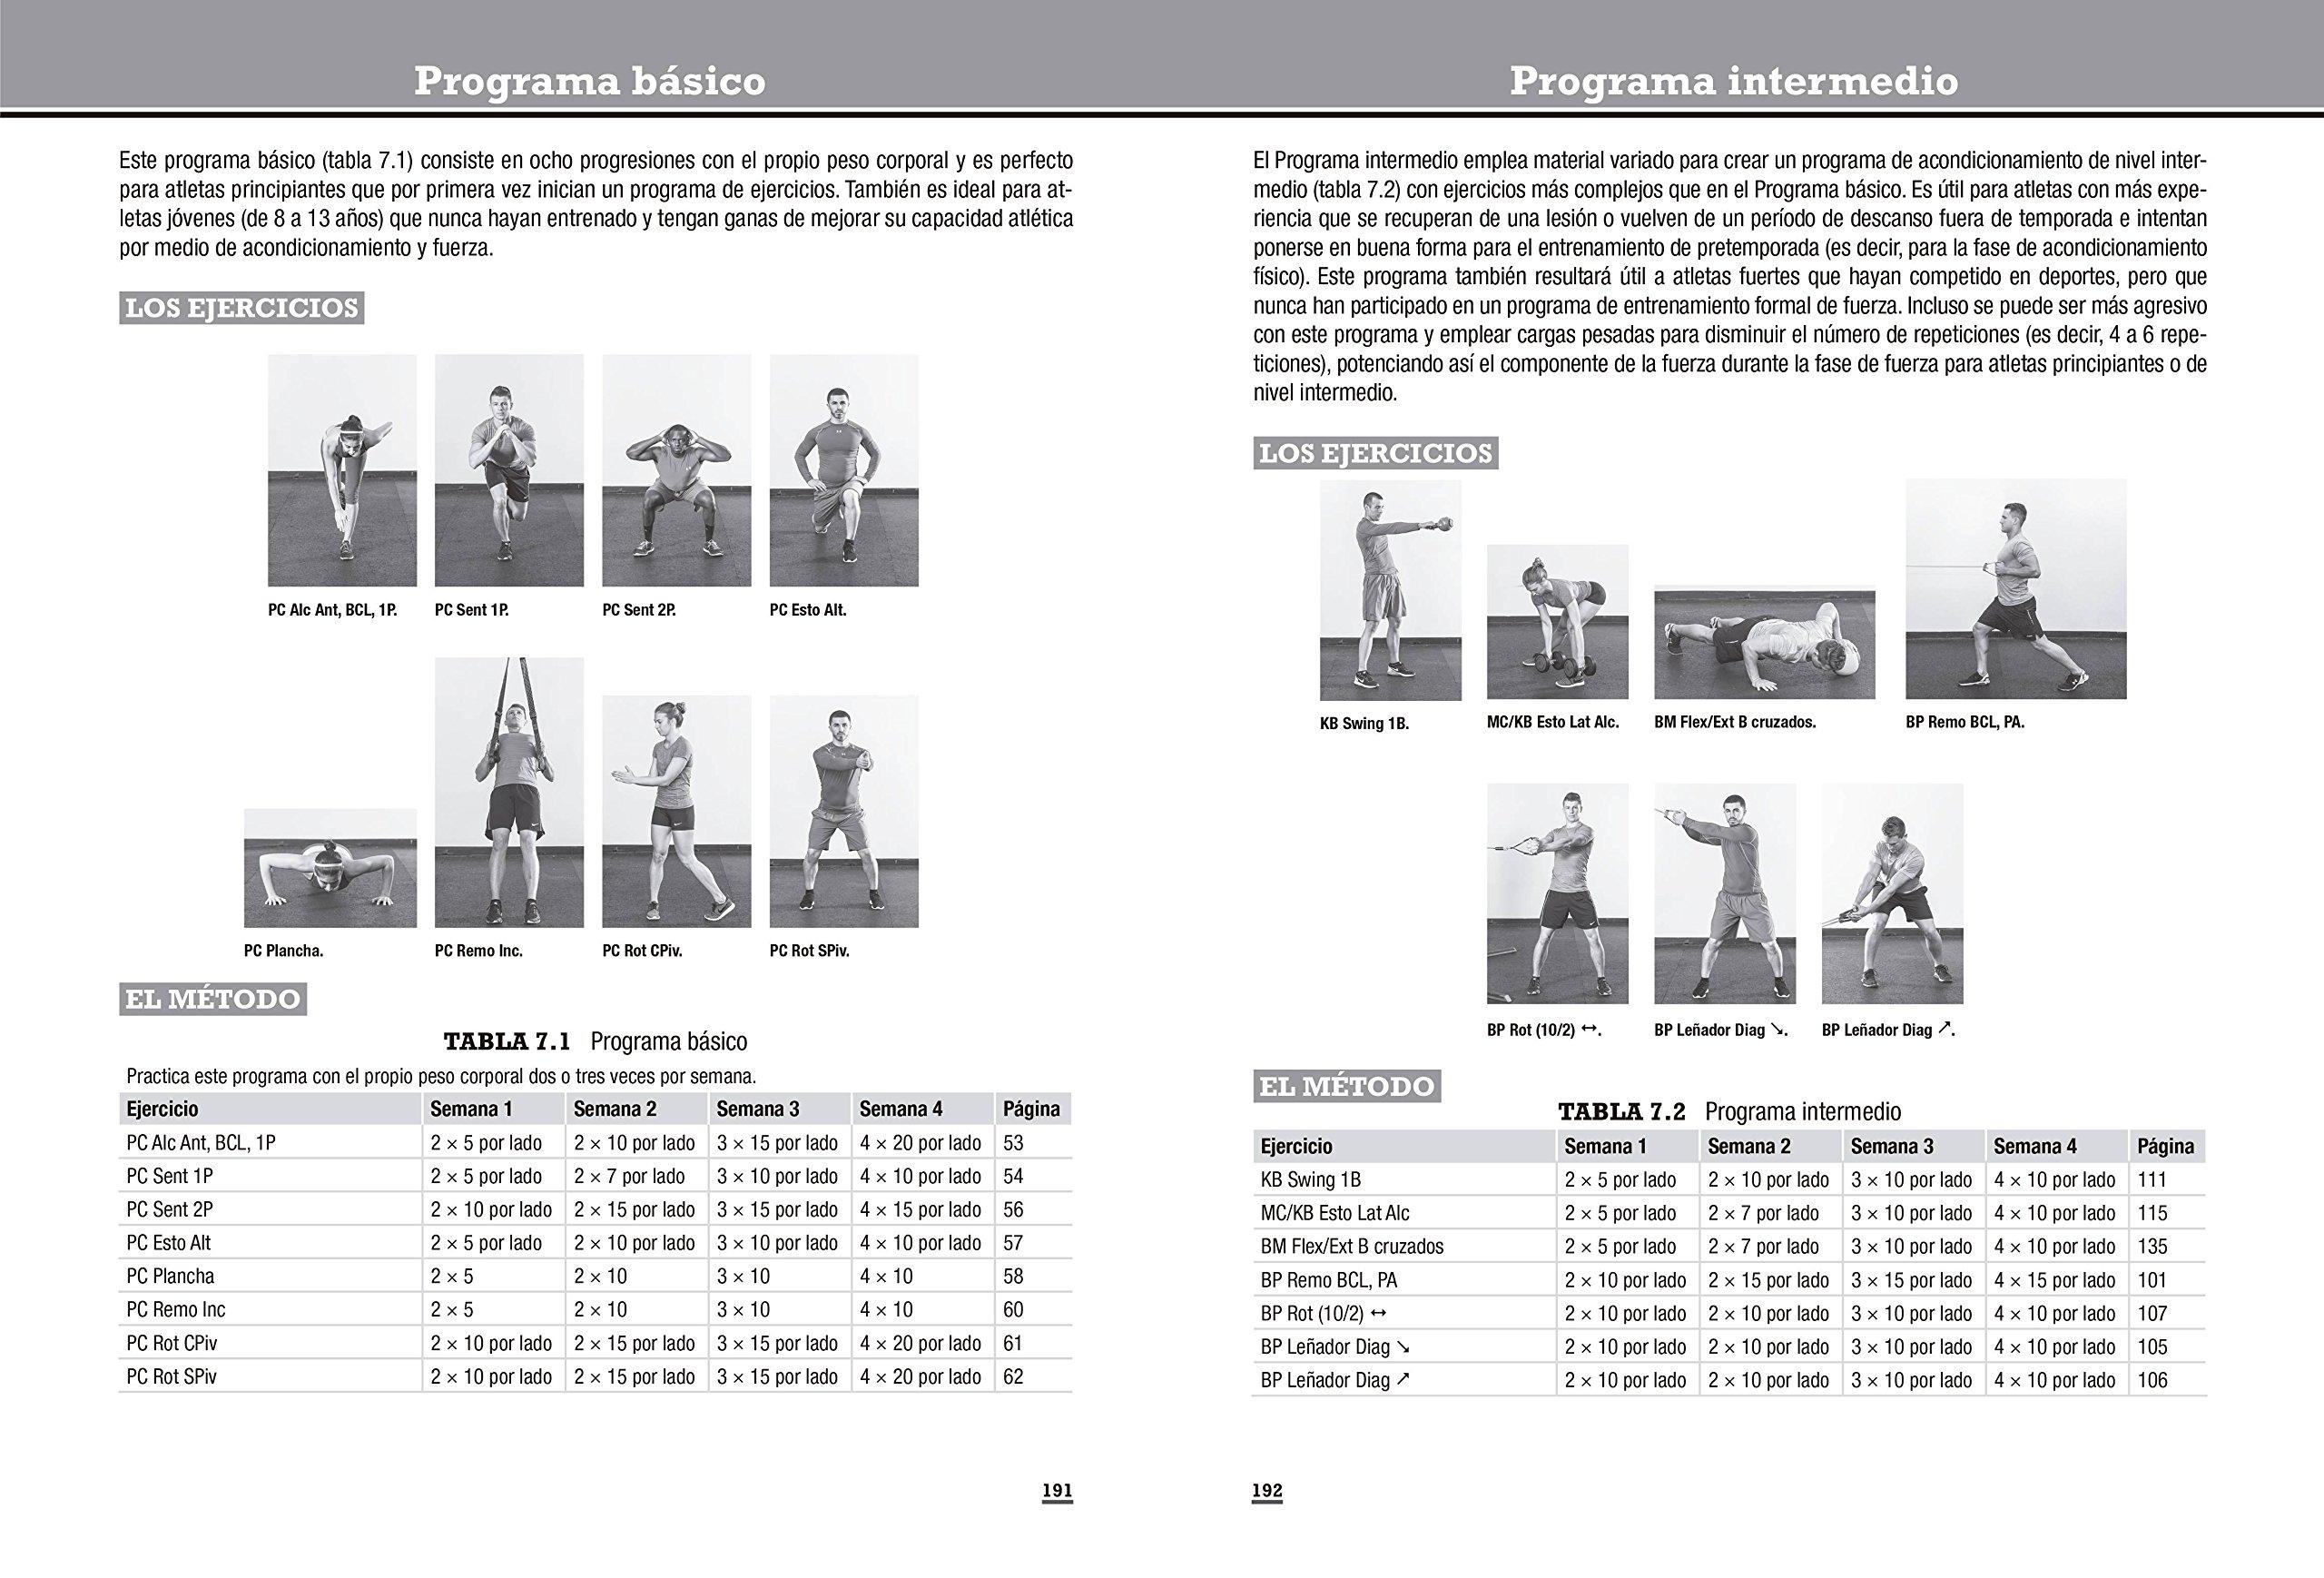 ENTRENAMIENTO FUNCIONAL: Ejercicios y programas de entrenamiento ...